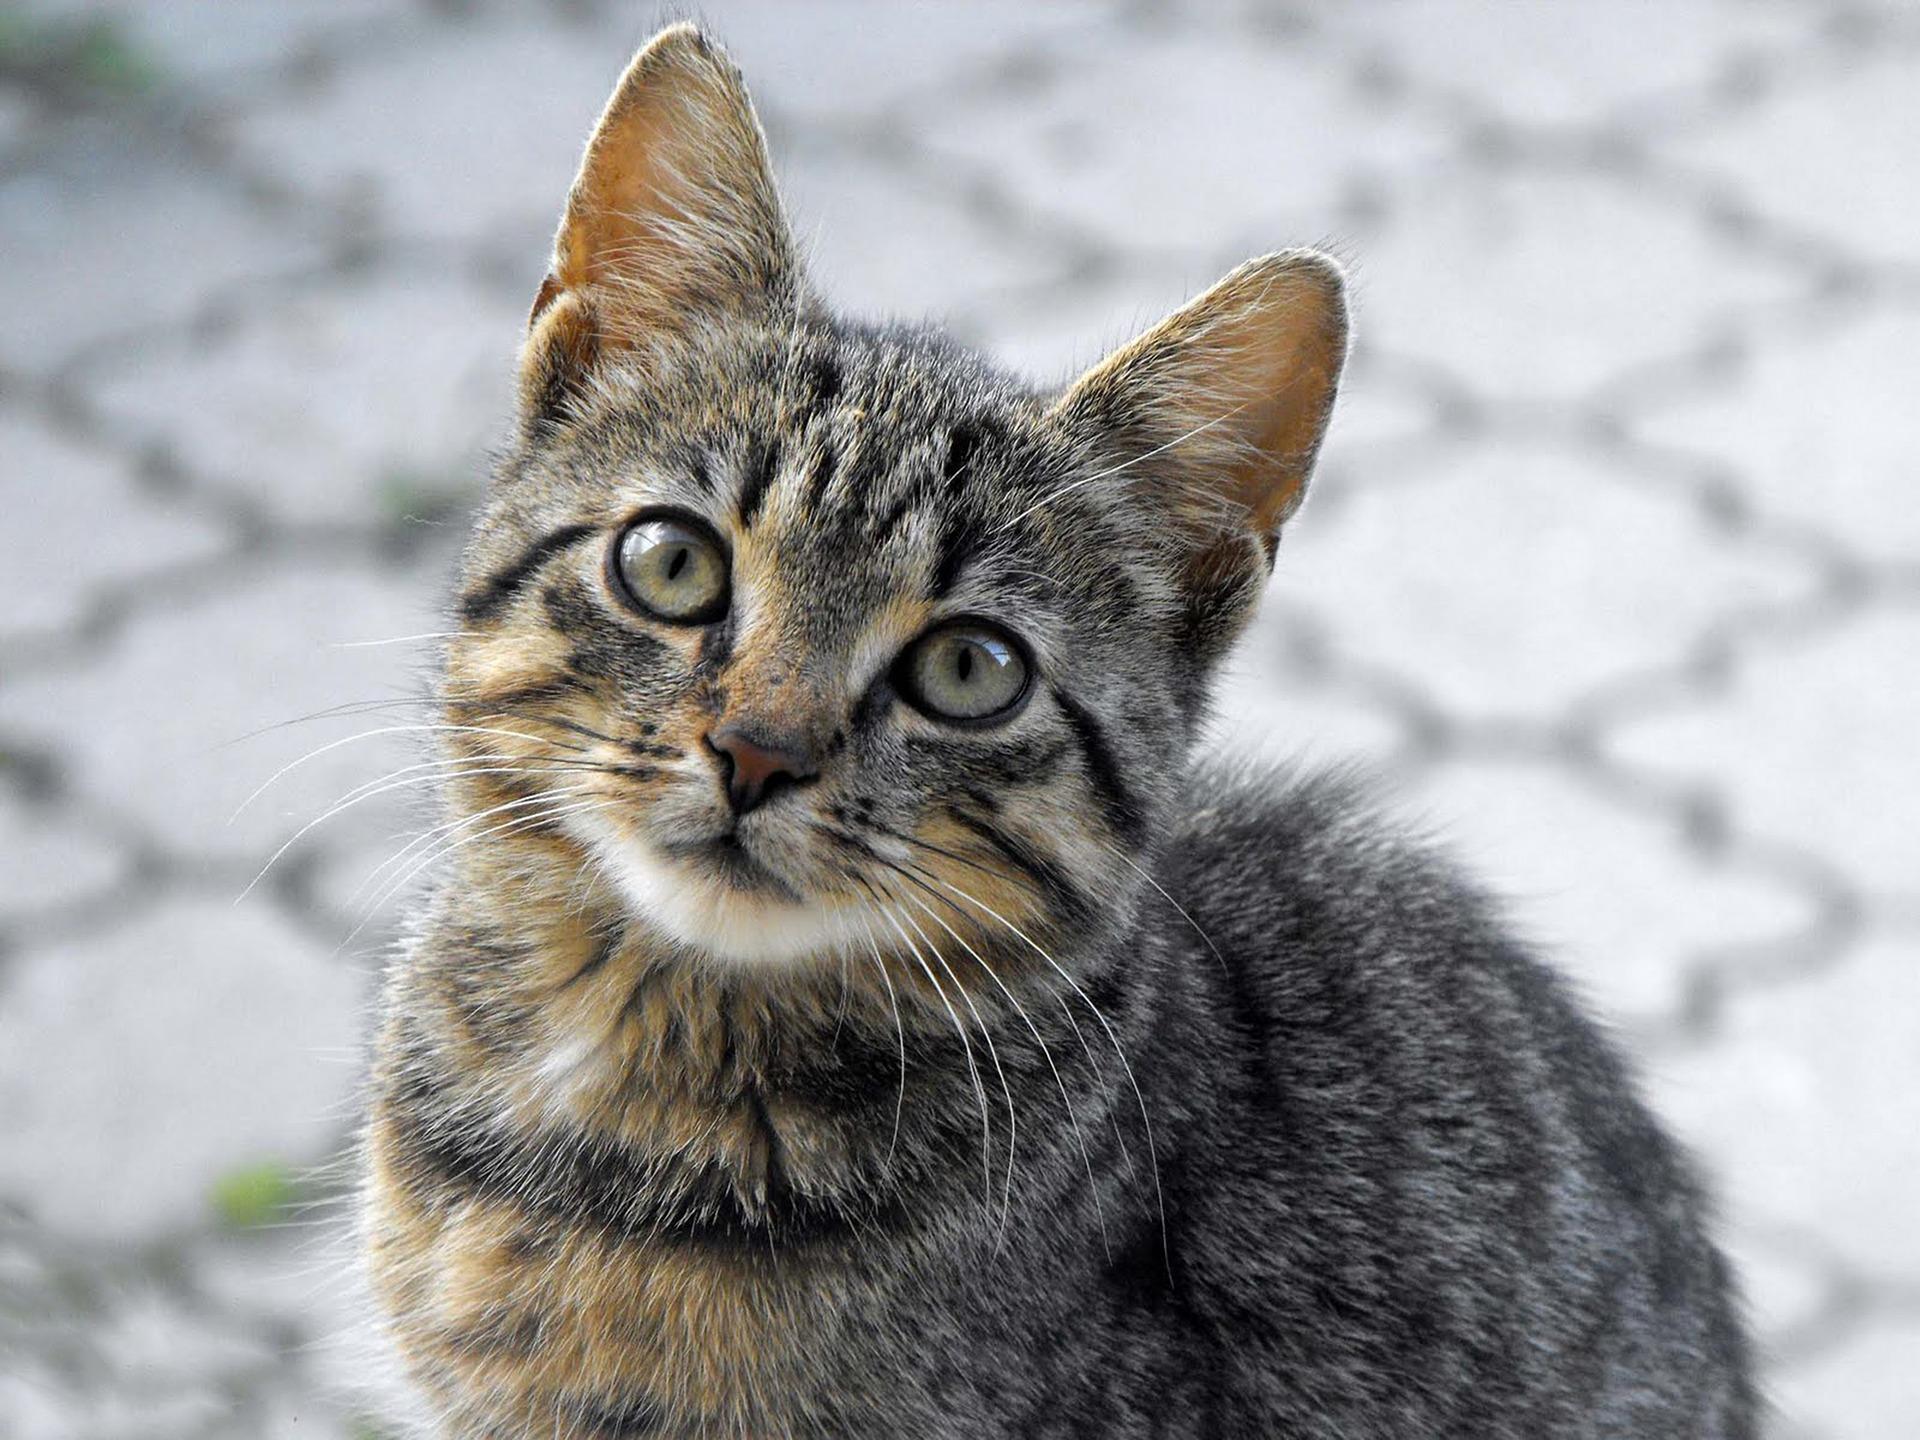 Kebiri Kucing Jantan Perlukah Kucing Lucu Net